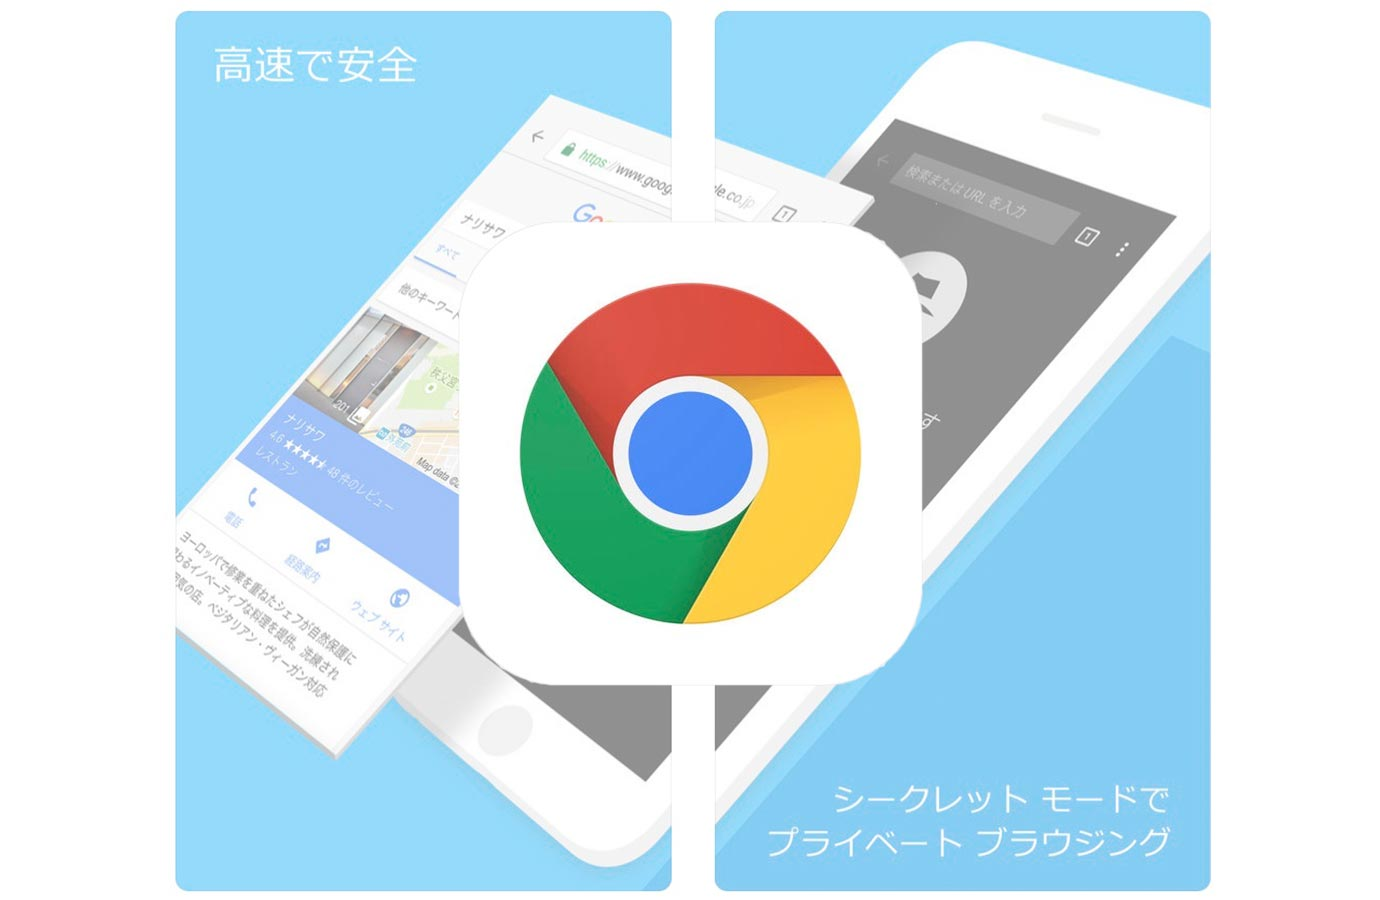 Google、iOS向けブラウザアプリ「Chrome」をアップデート ー 新しい検索を開始するSiriショートカットに対応など